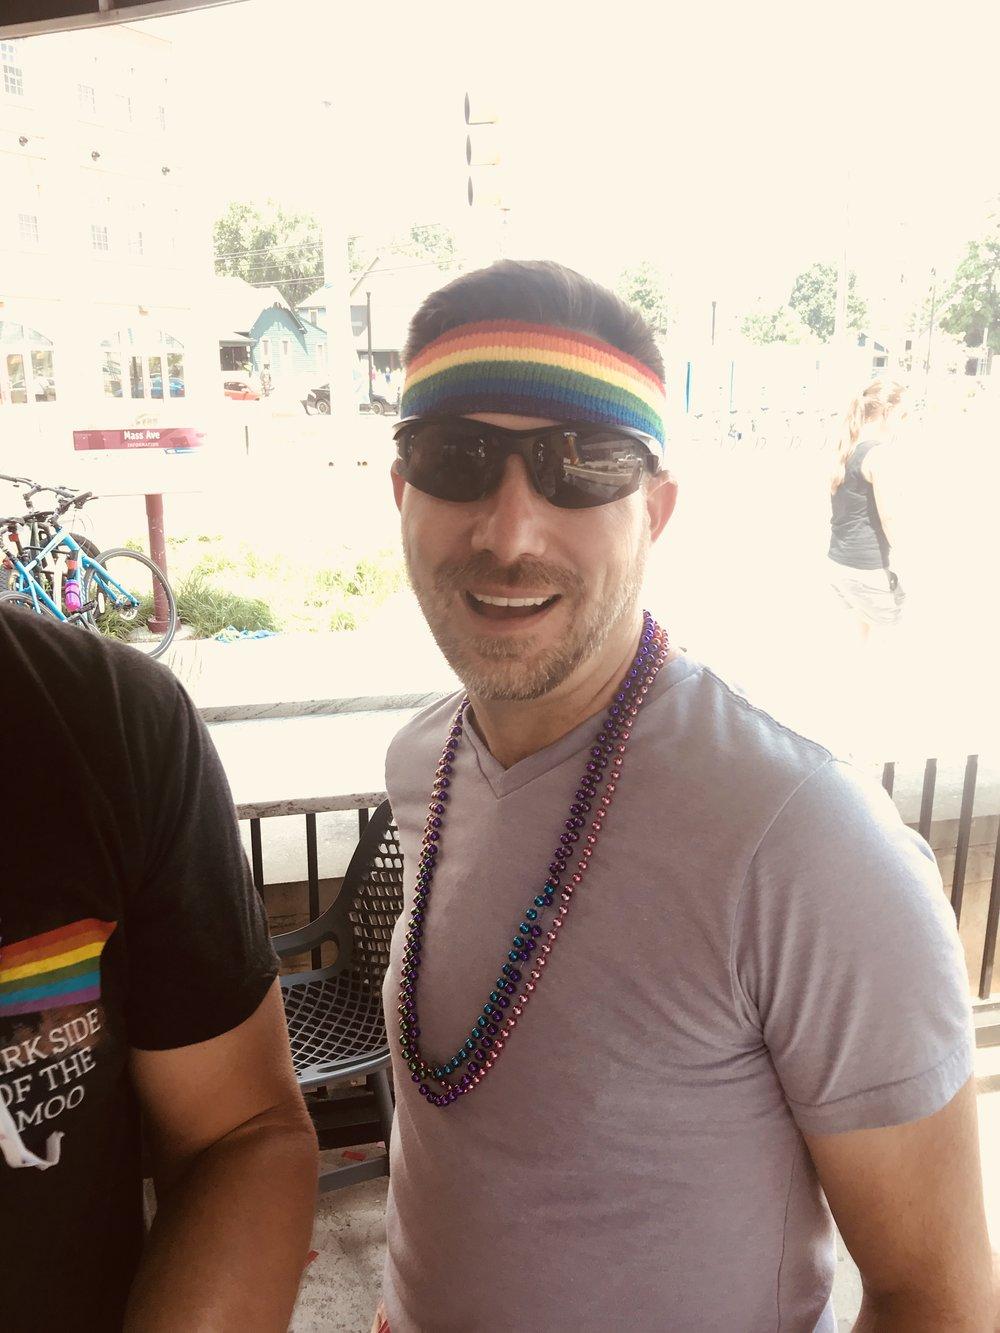 Pride Parade Shenanigans